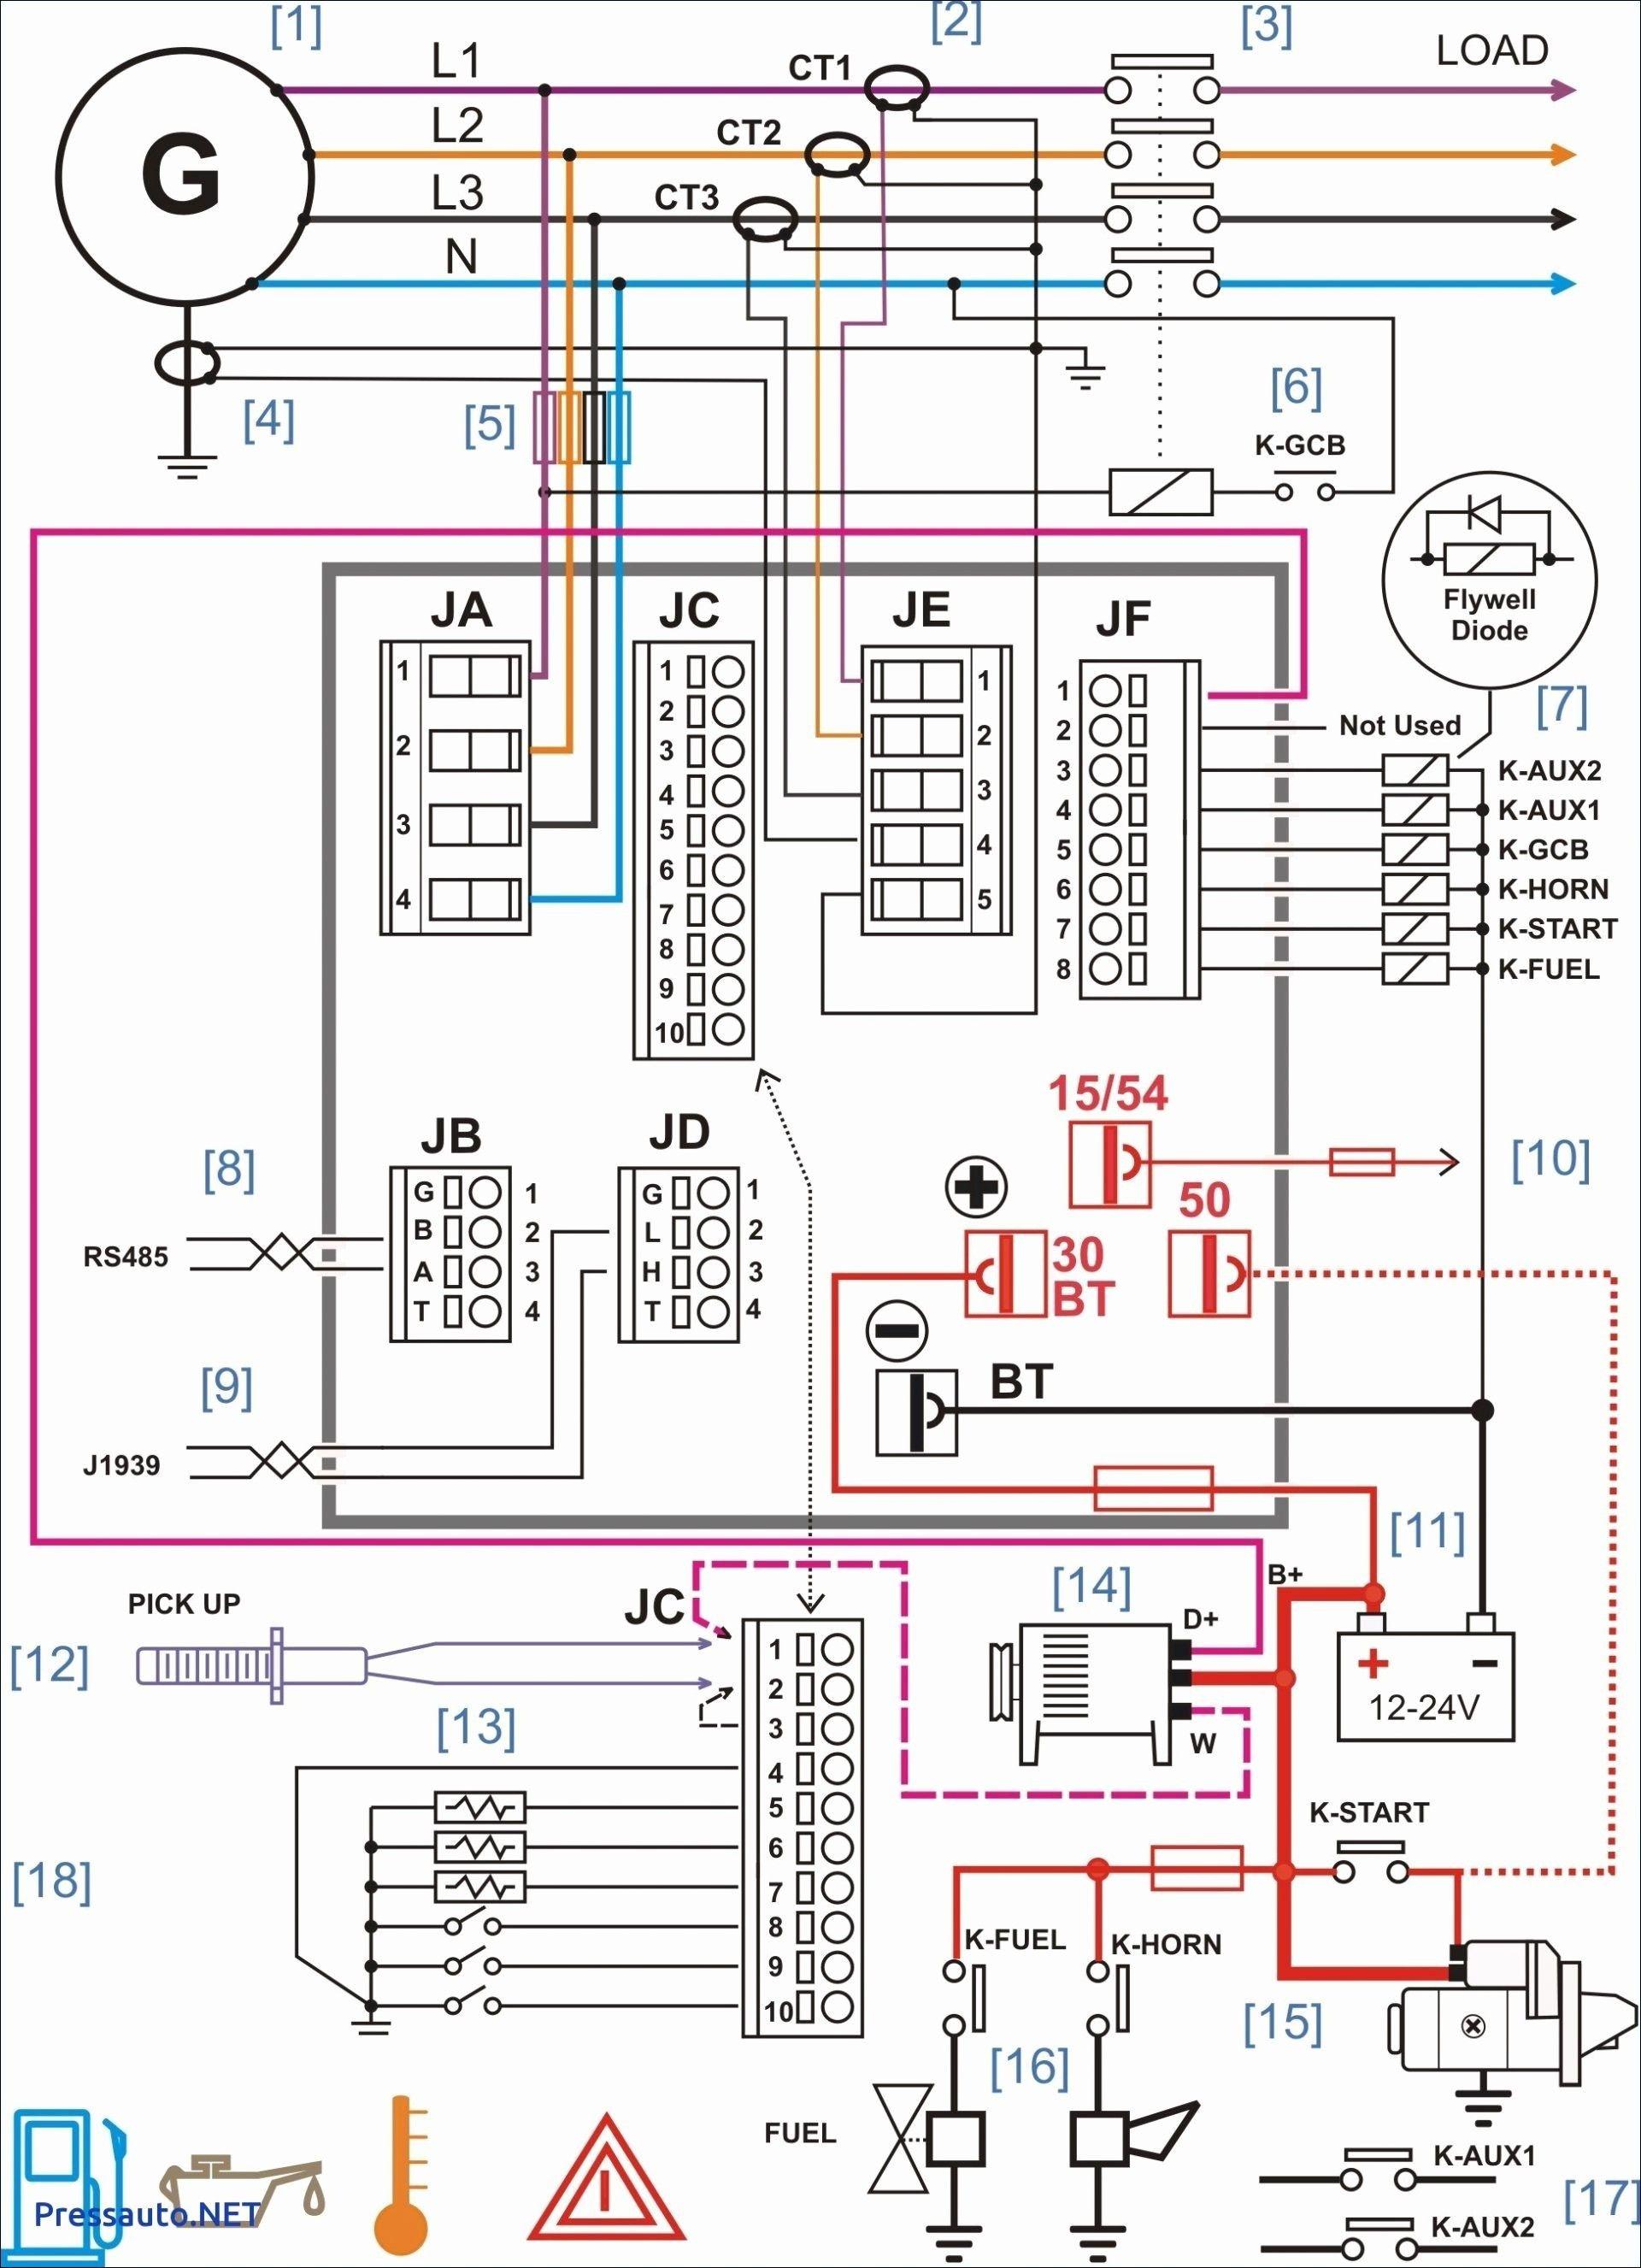 Industrial Electrical Wiring Diagram PdfWiring Diagram